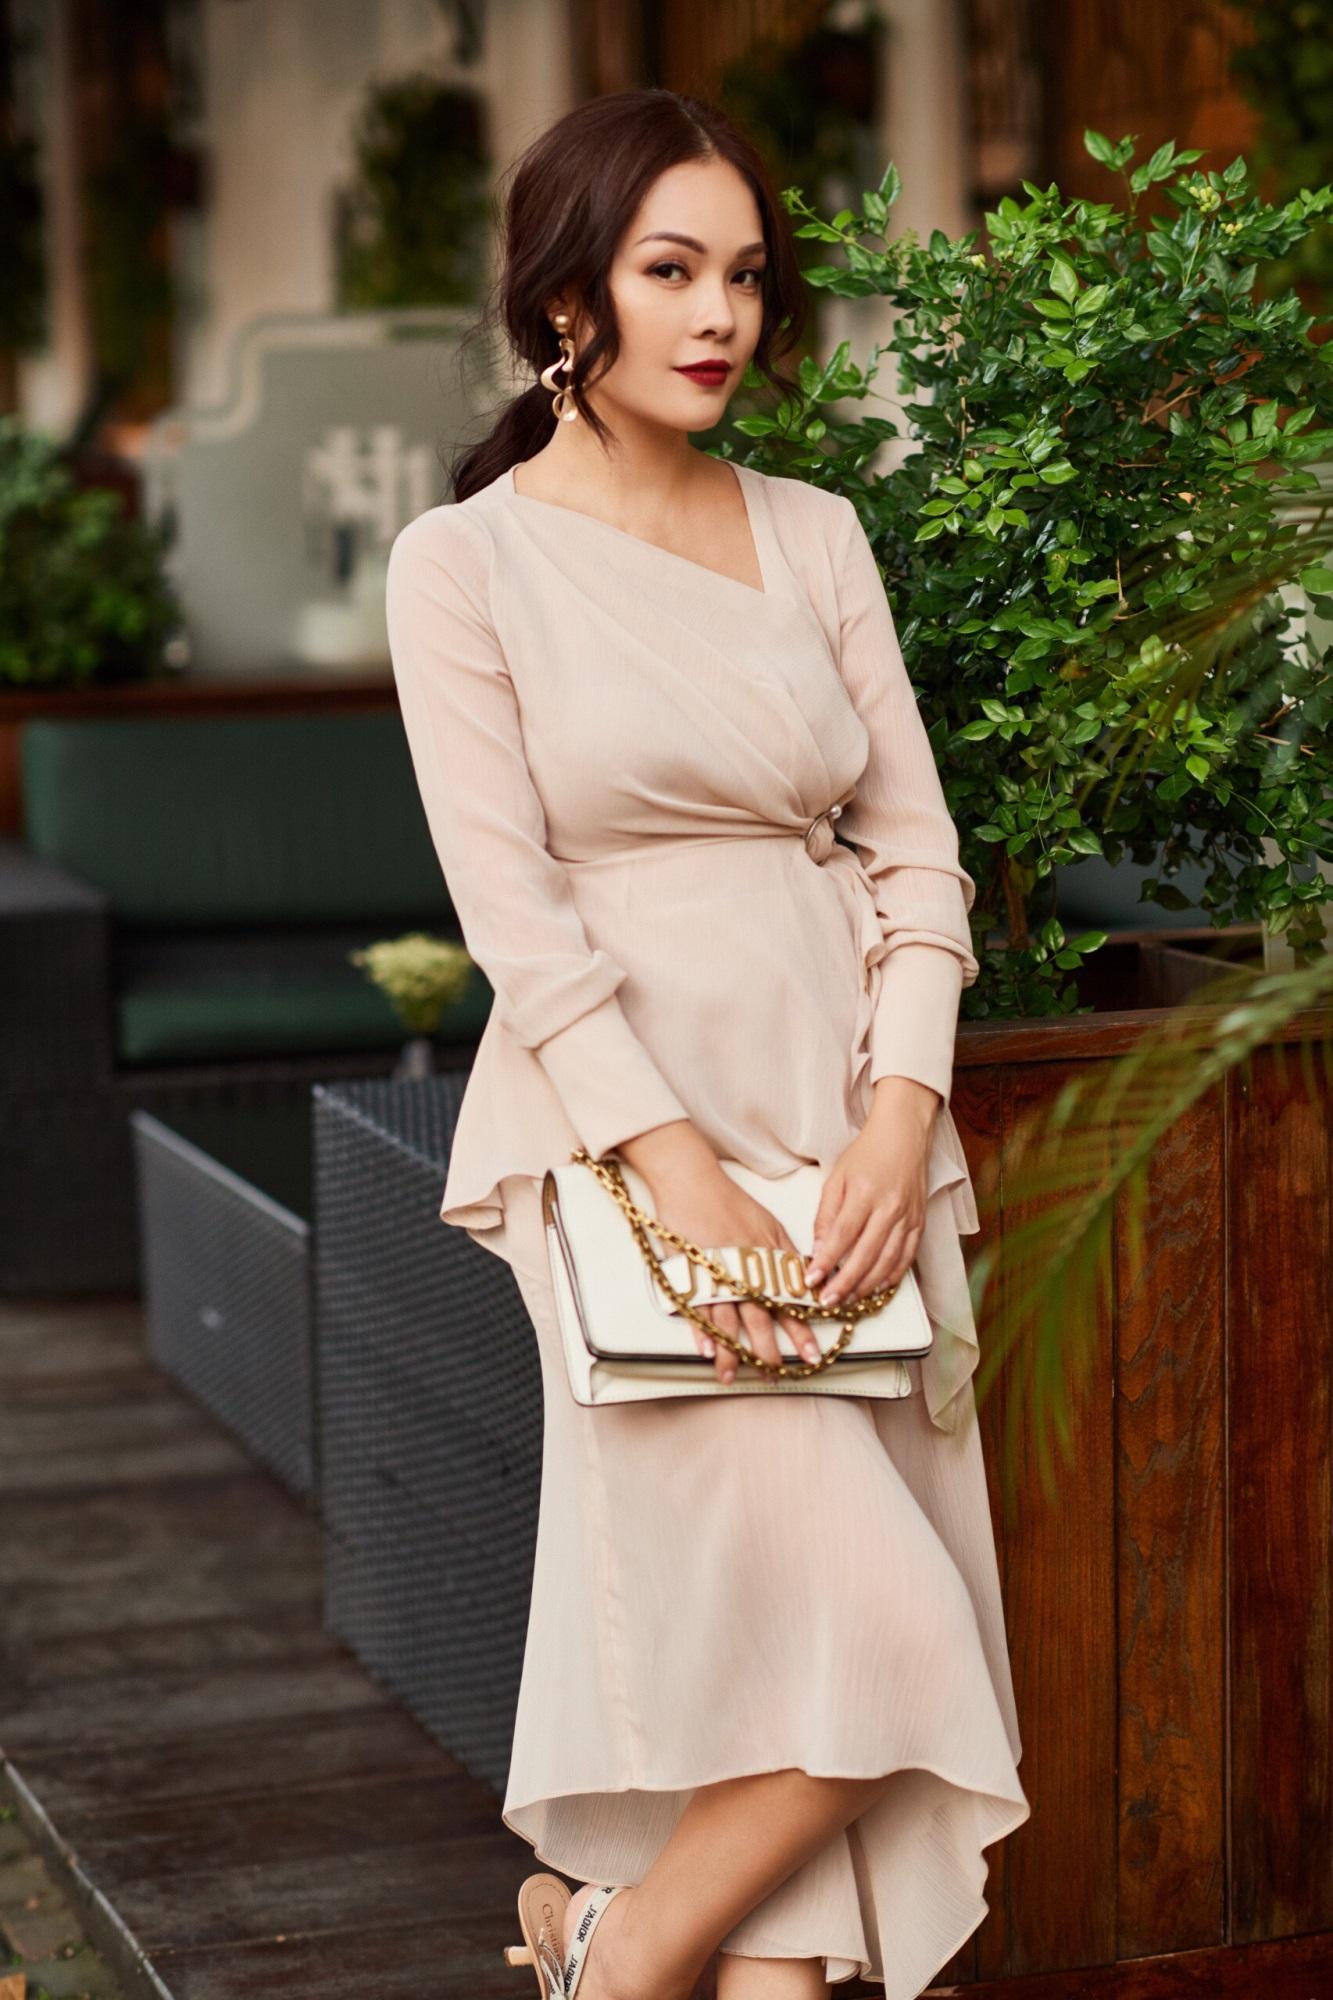 'Bà mẹ đơn thân' Dương Cẩm Lynh khoe nhan sắc rạng ngời với street style sang trọng - Ảnh 5